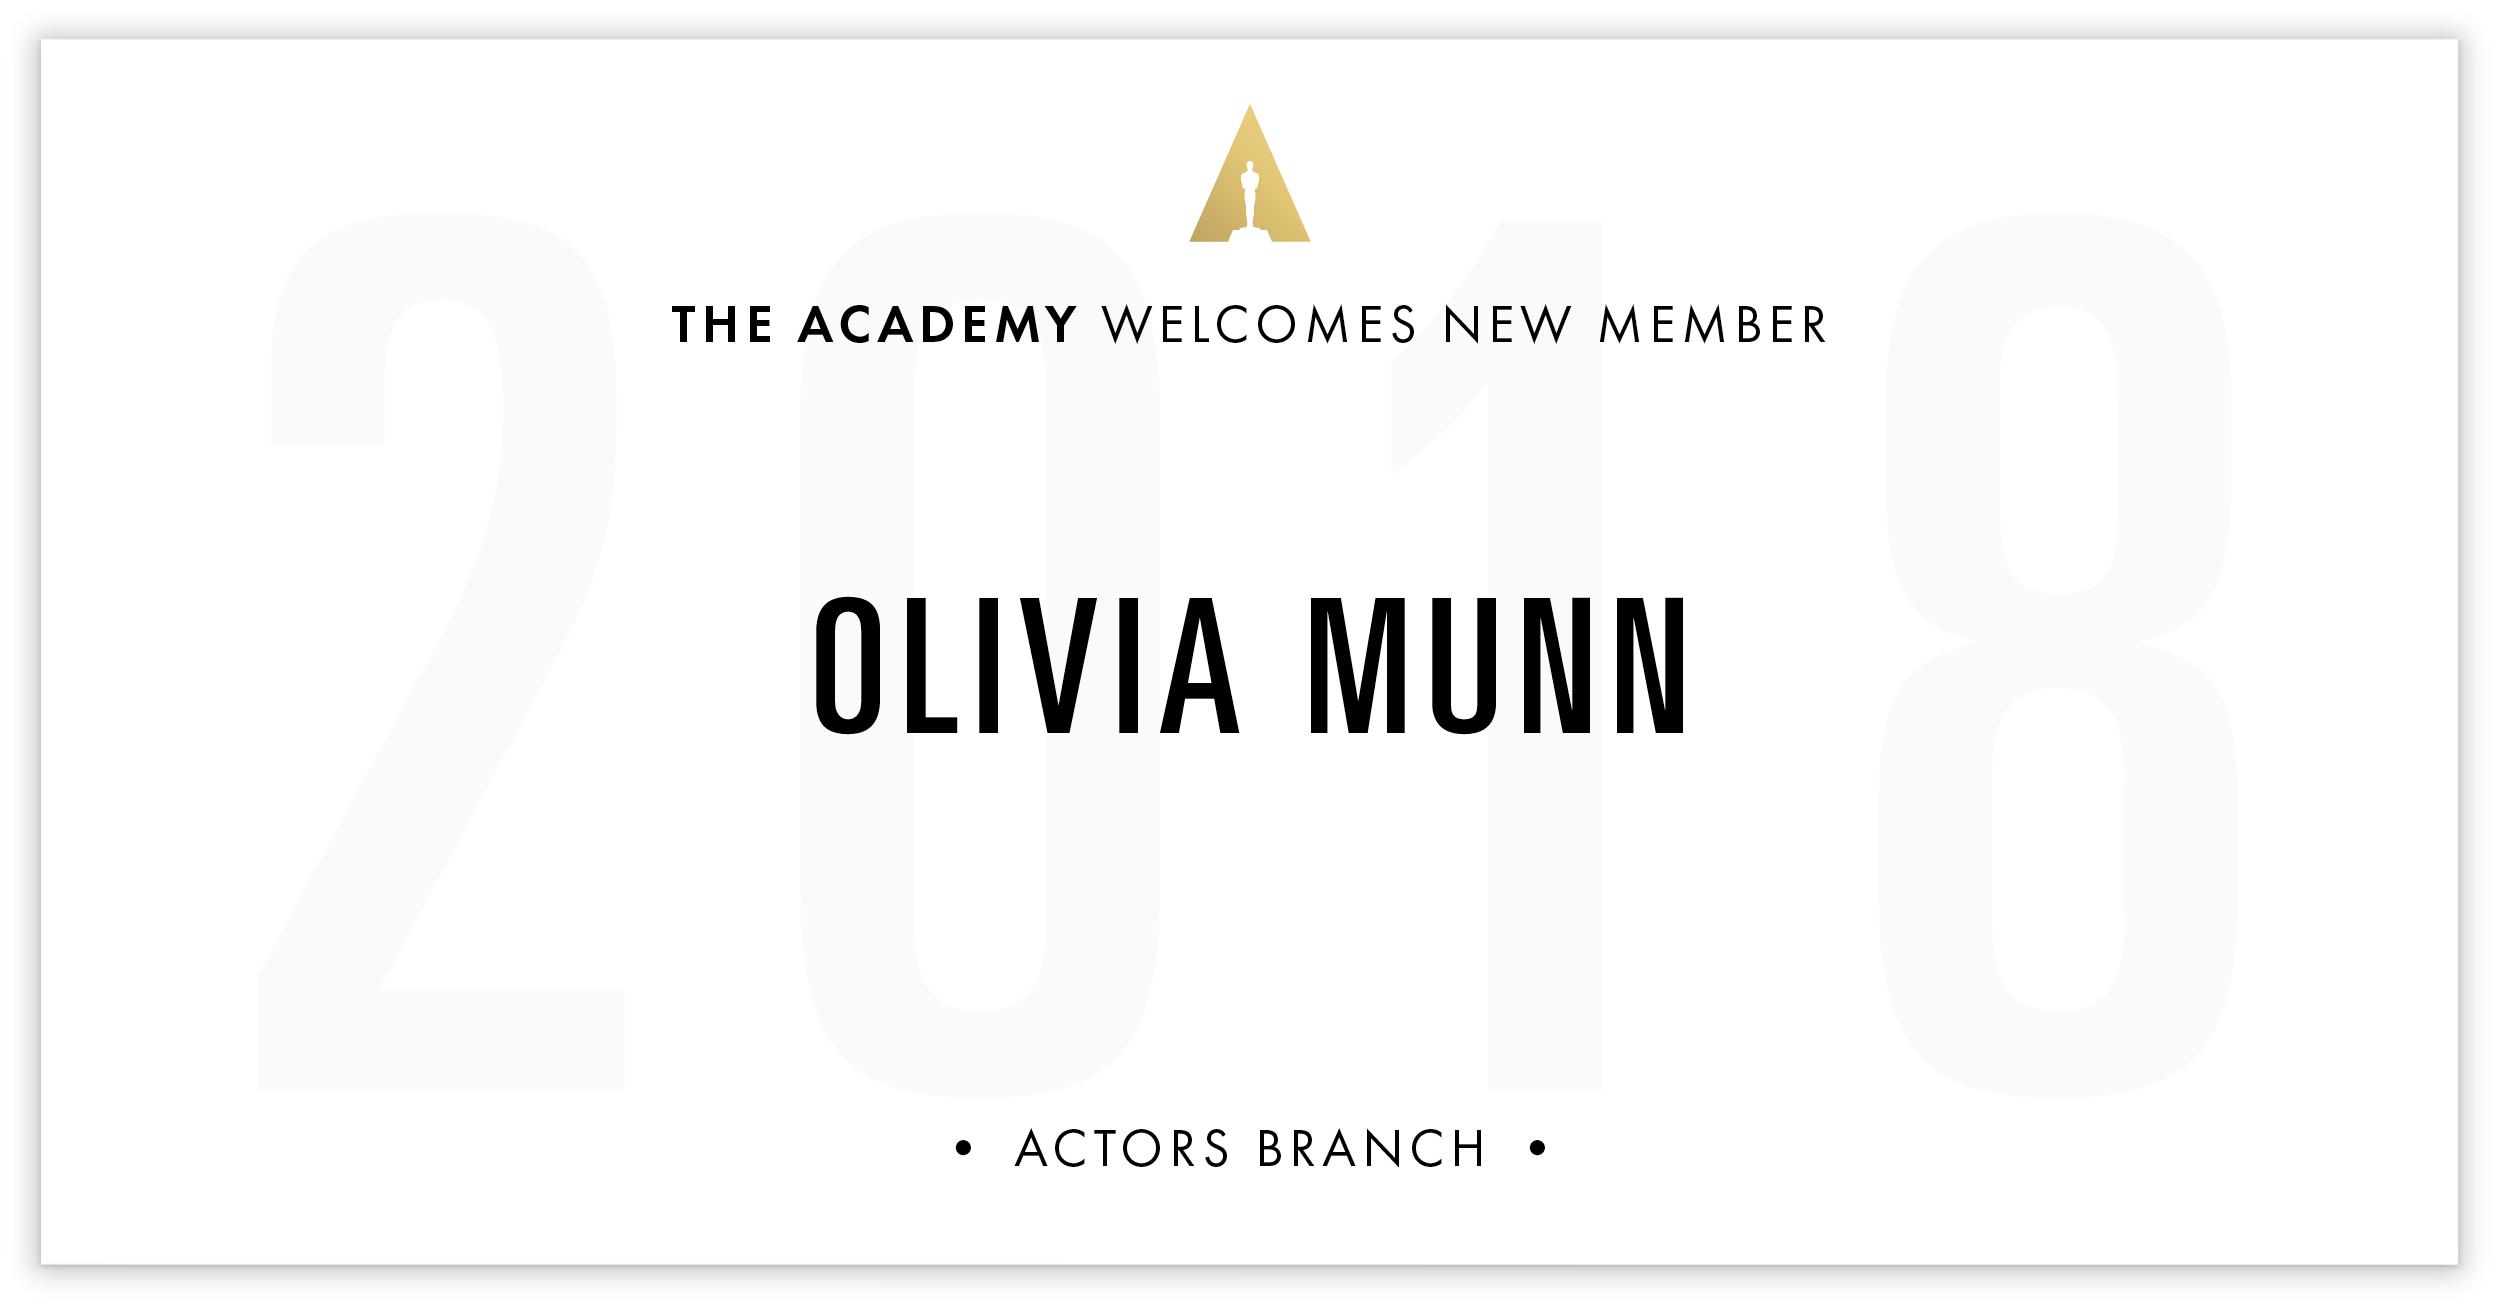 Olivia Munn is invited!